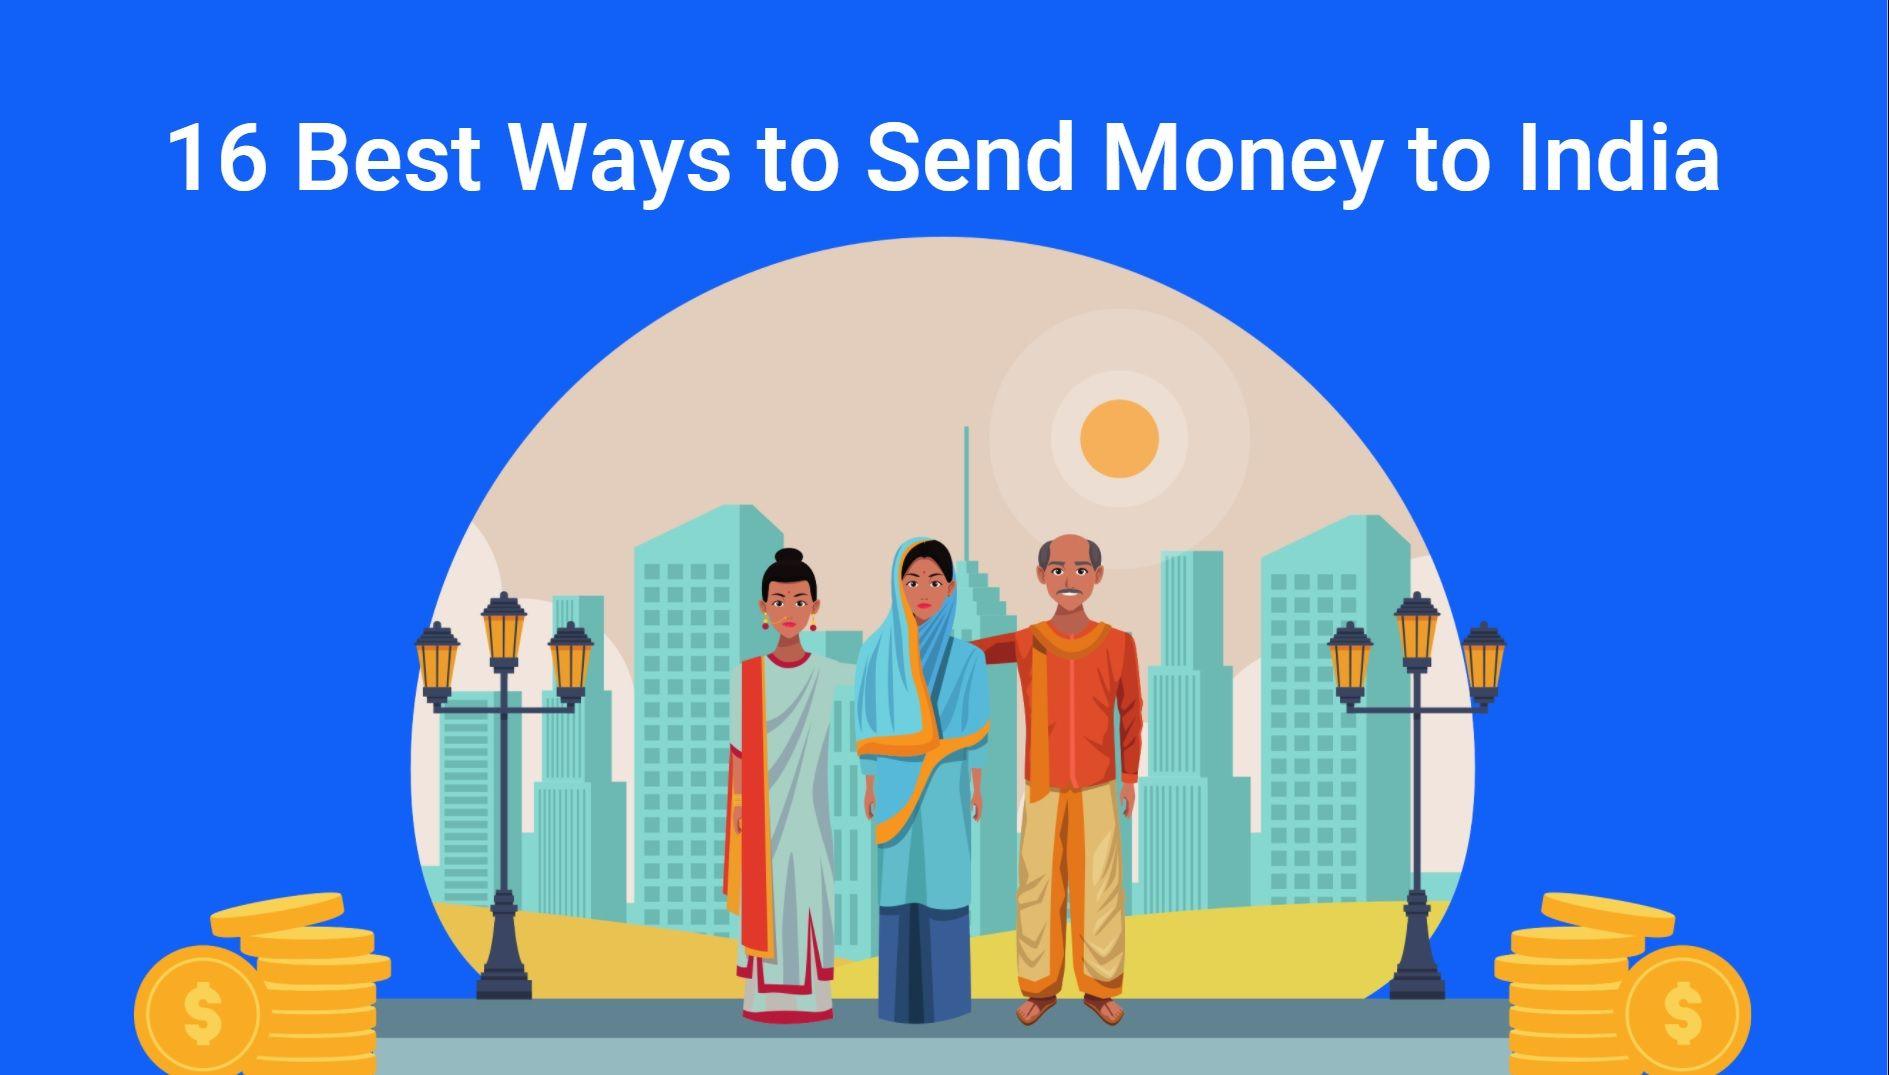 16 best ways to send money to india